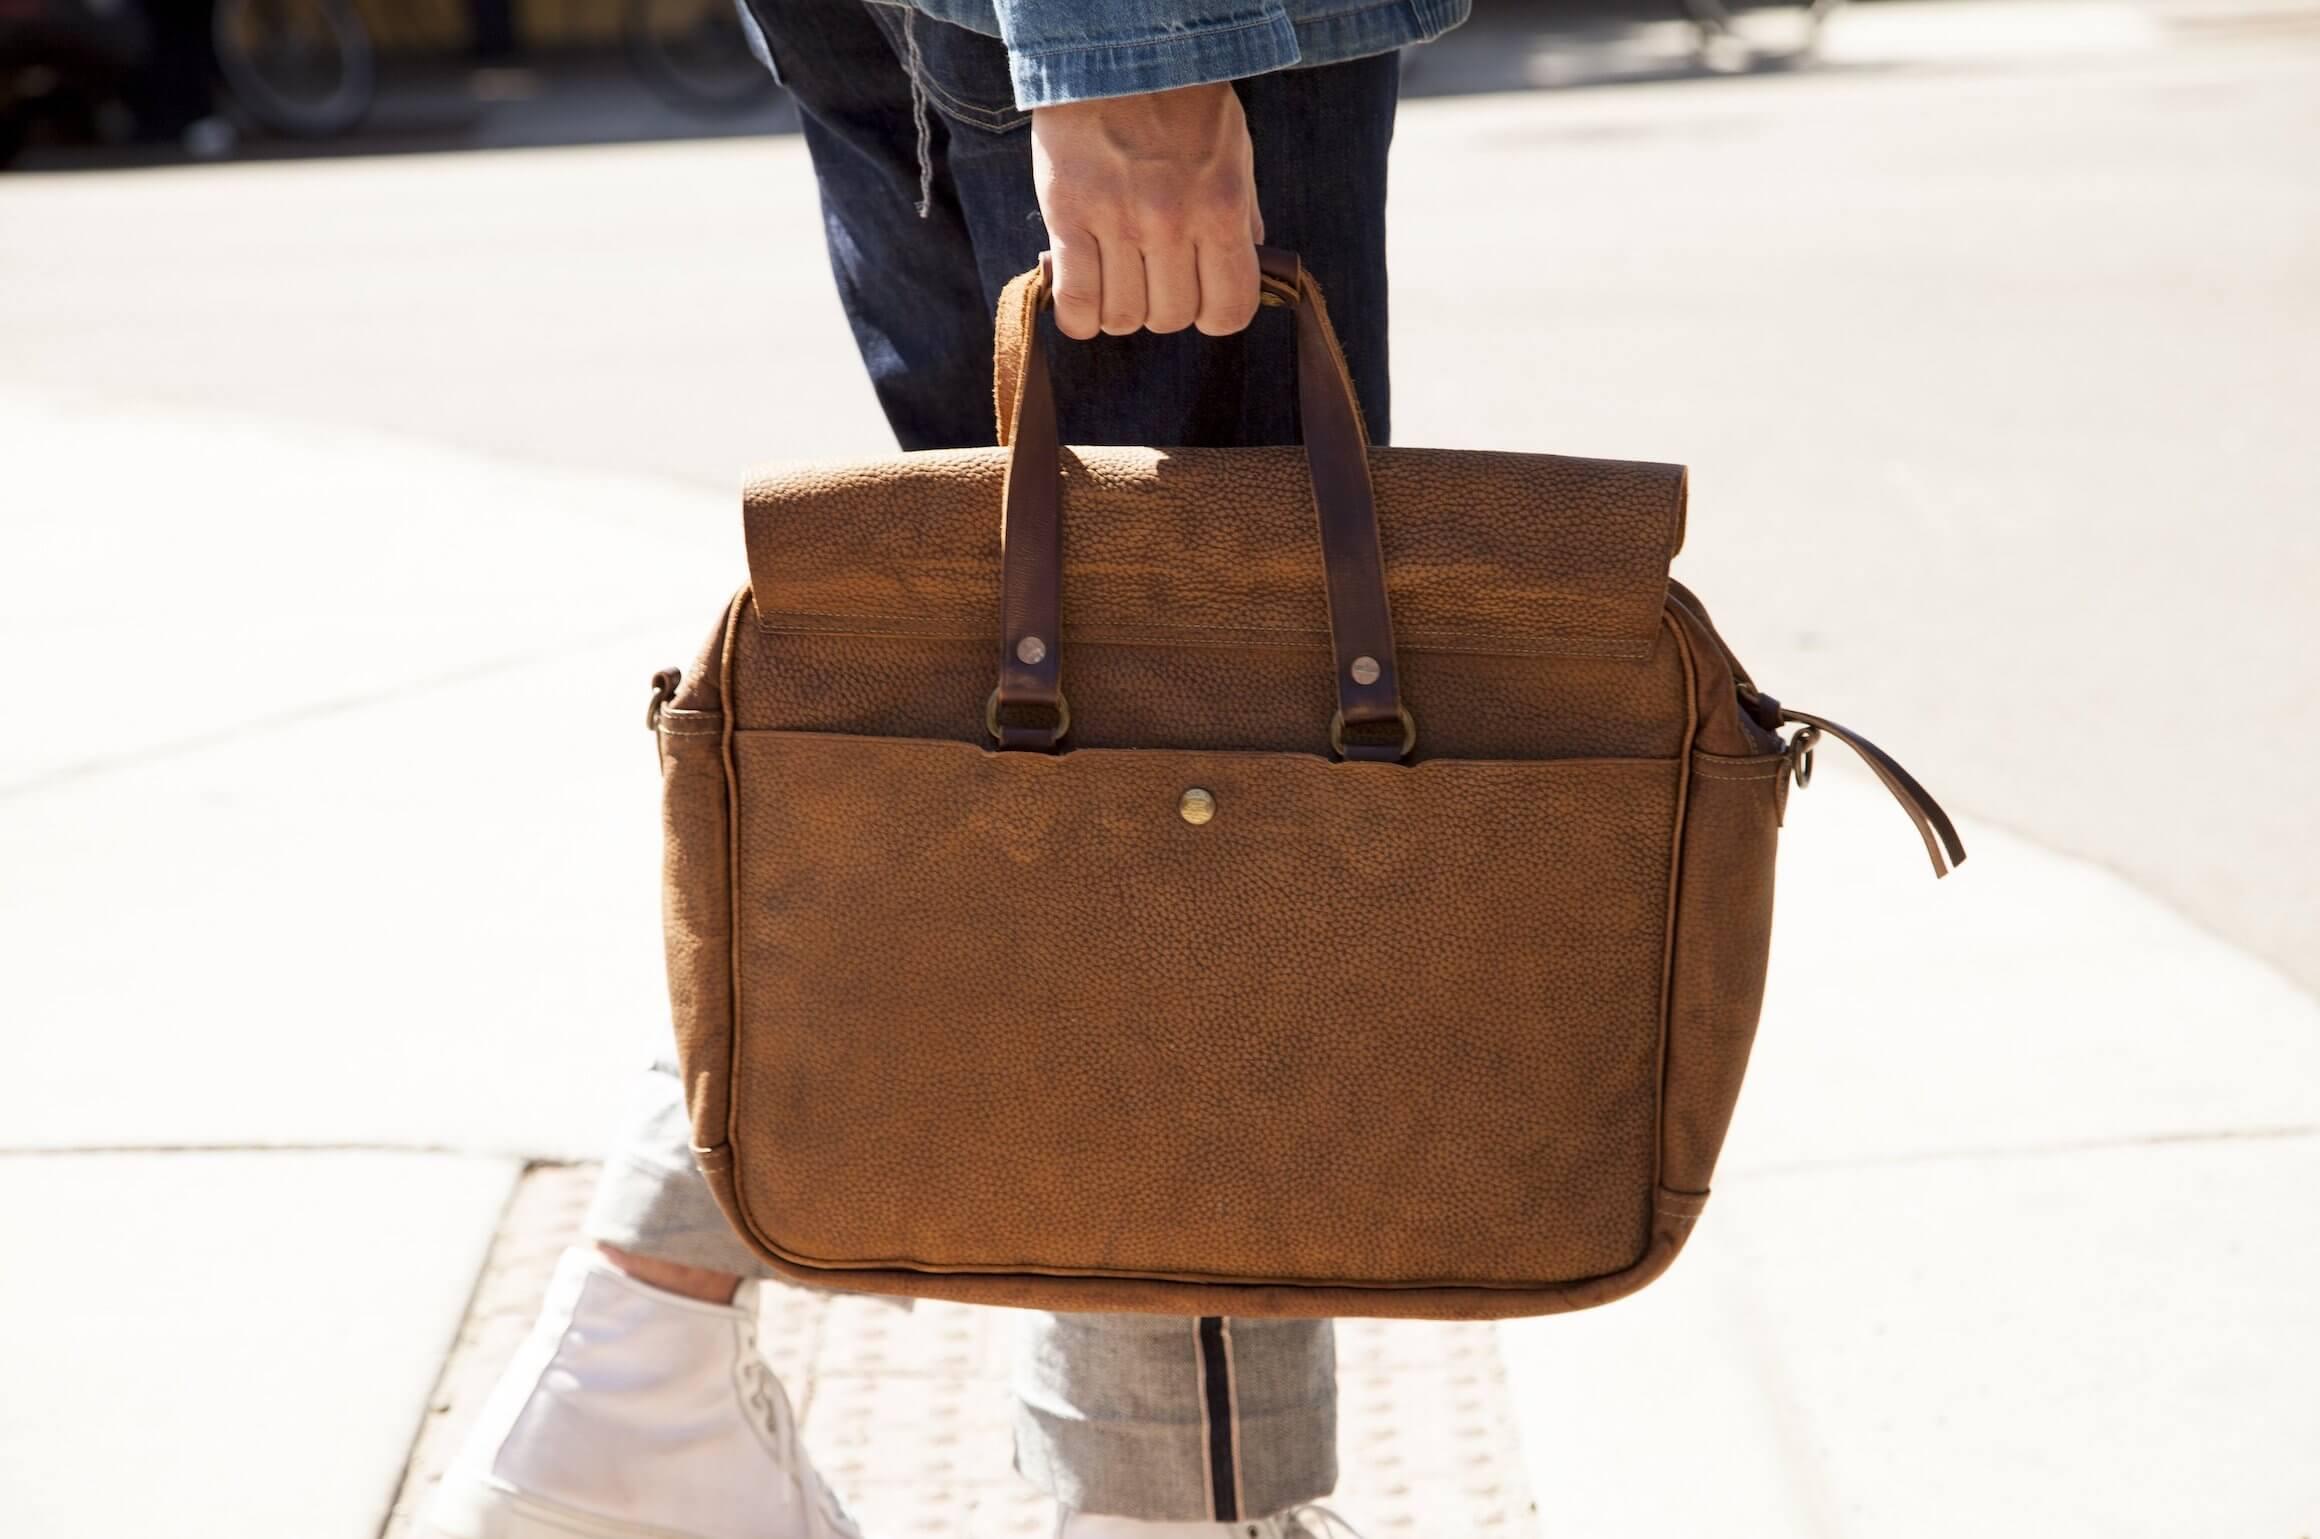 rrl leather bag